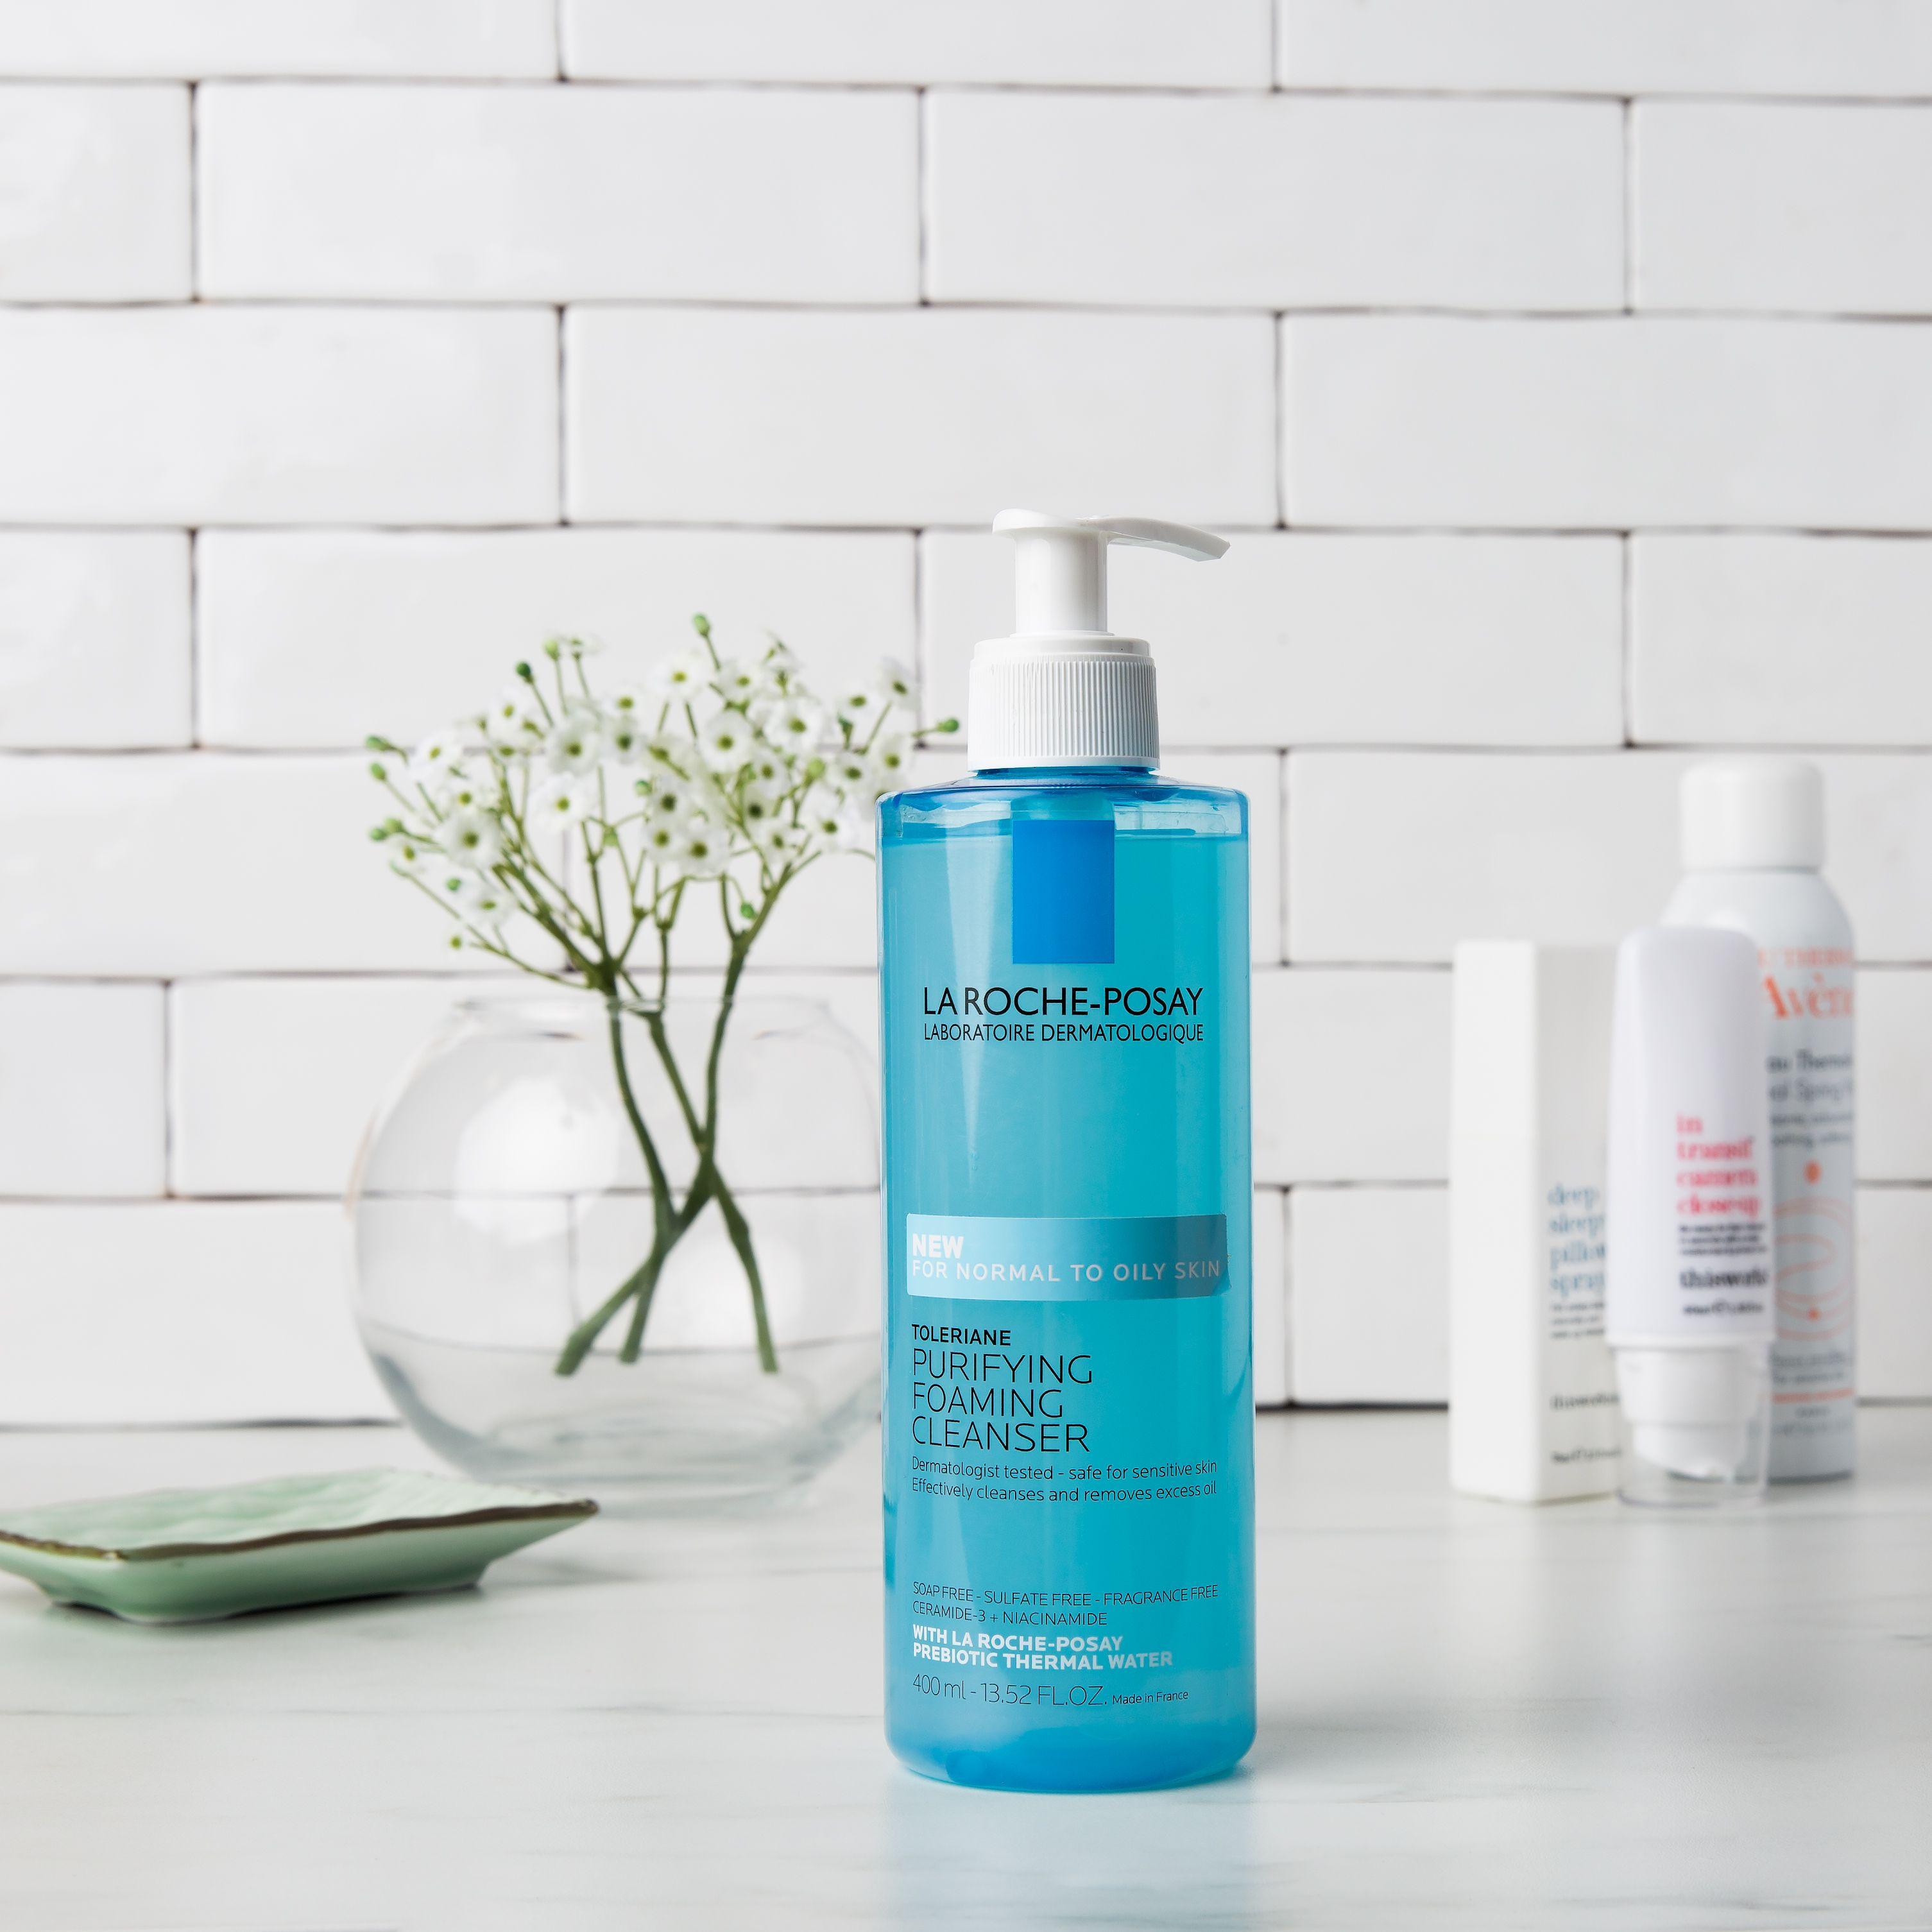 La Roche Posay Effaclar Medicated Gel Cleanser For Acne Prone Skin Ulta Beauty Gel Cleanser Acne Cleansers La Roche Posay Effaclar